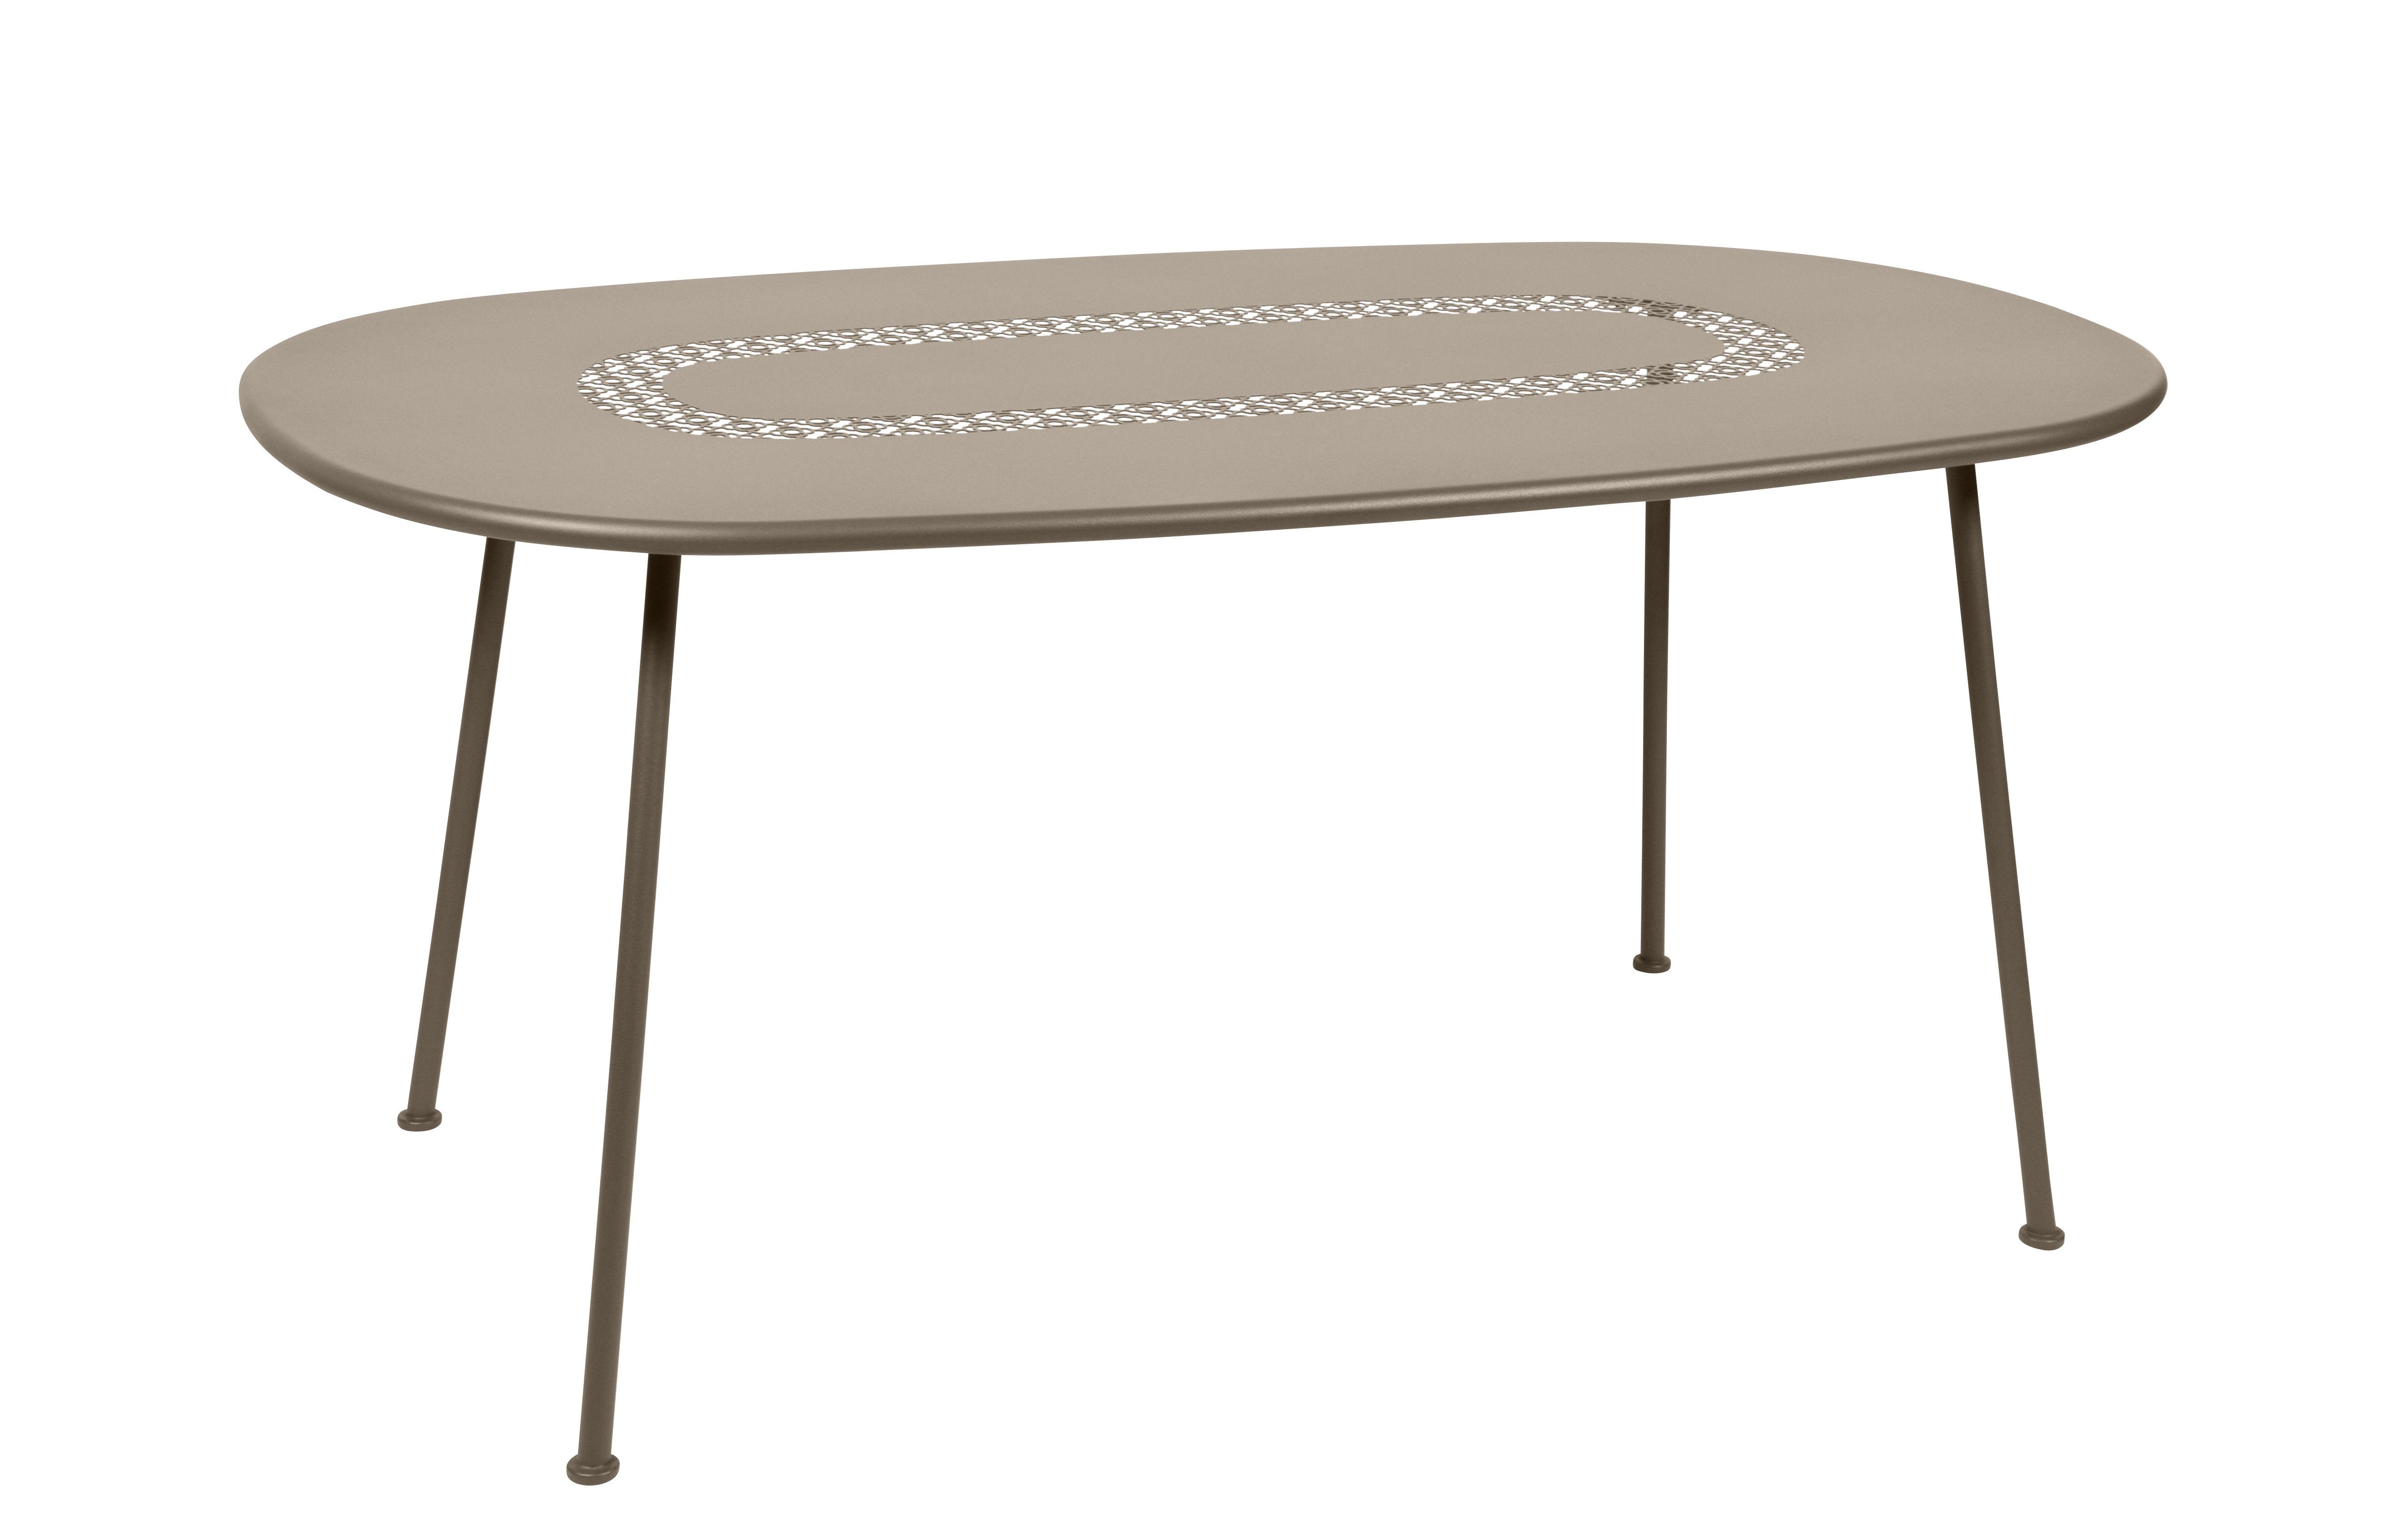 Outdoor - Tables de jardin - Table ovale Lorette / 160 x 90 cm - Métal perforé - Fermob - Muscade - Acier laqué